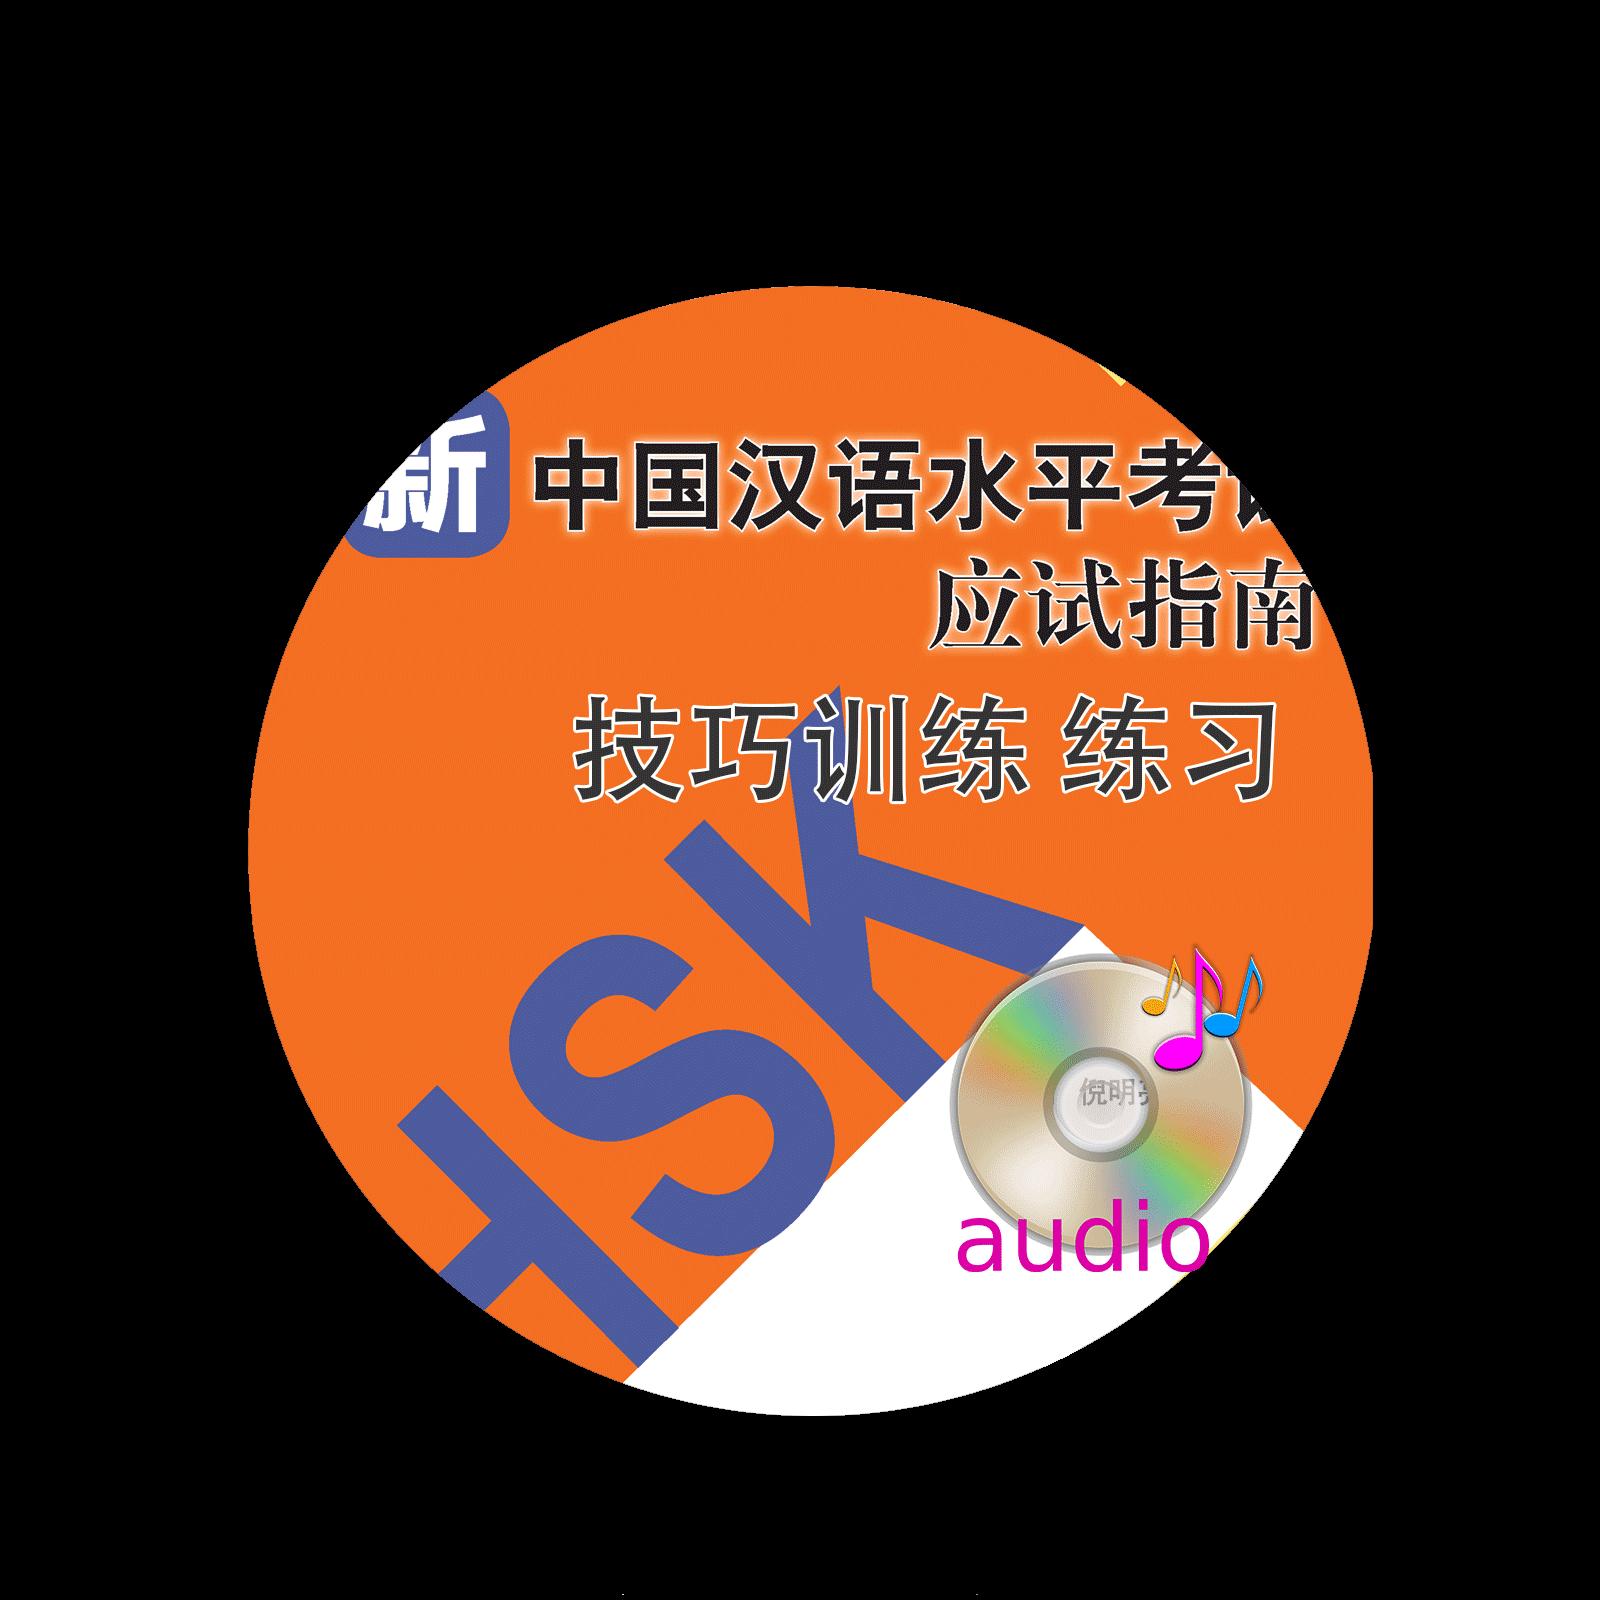 Xin Zhongguo Hsk Yingshi Zhinan 5Ji Jiqiao Xunlian Lianxi Audio